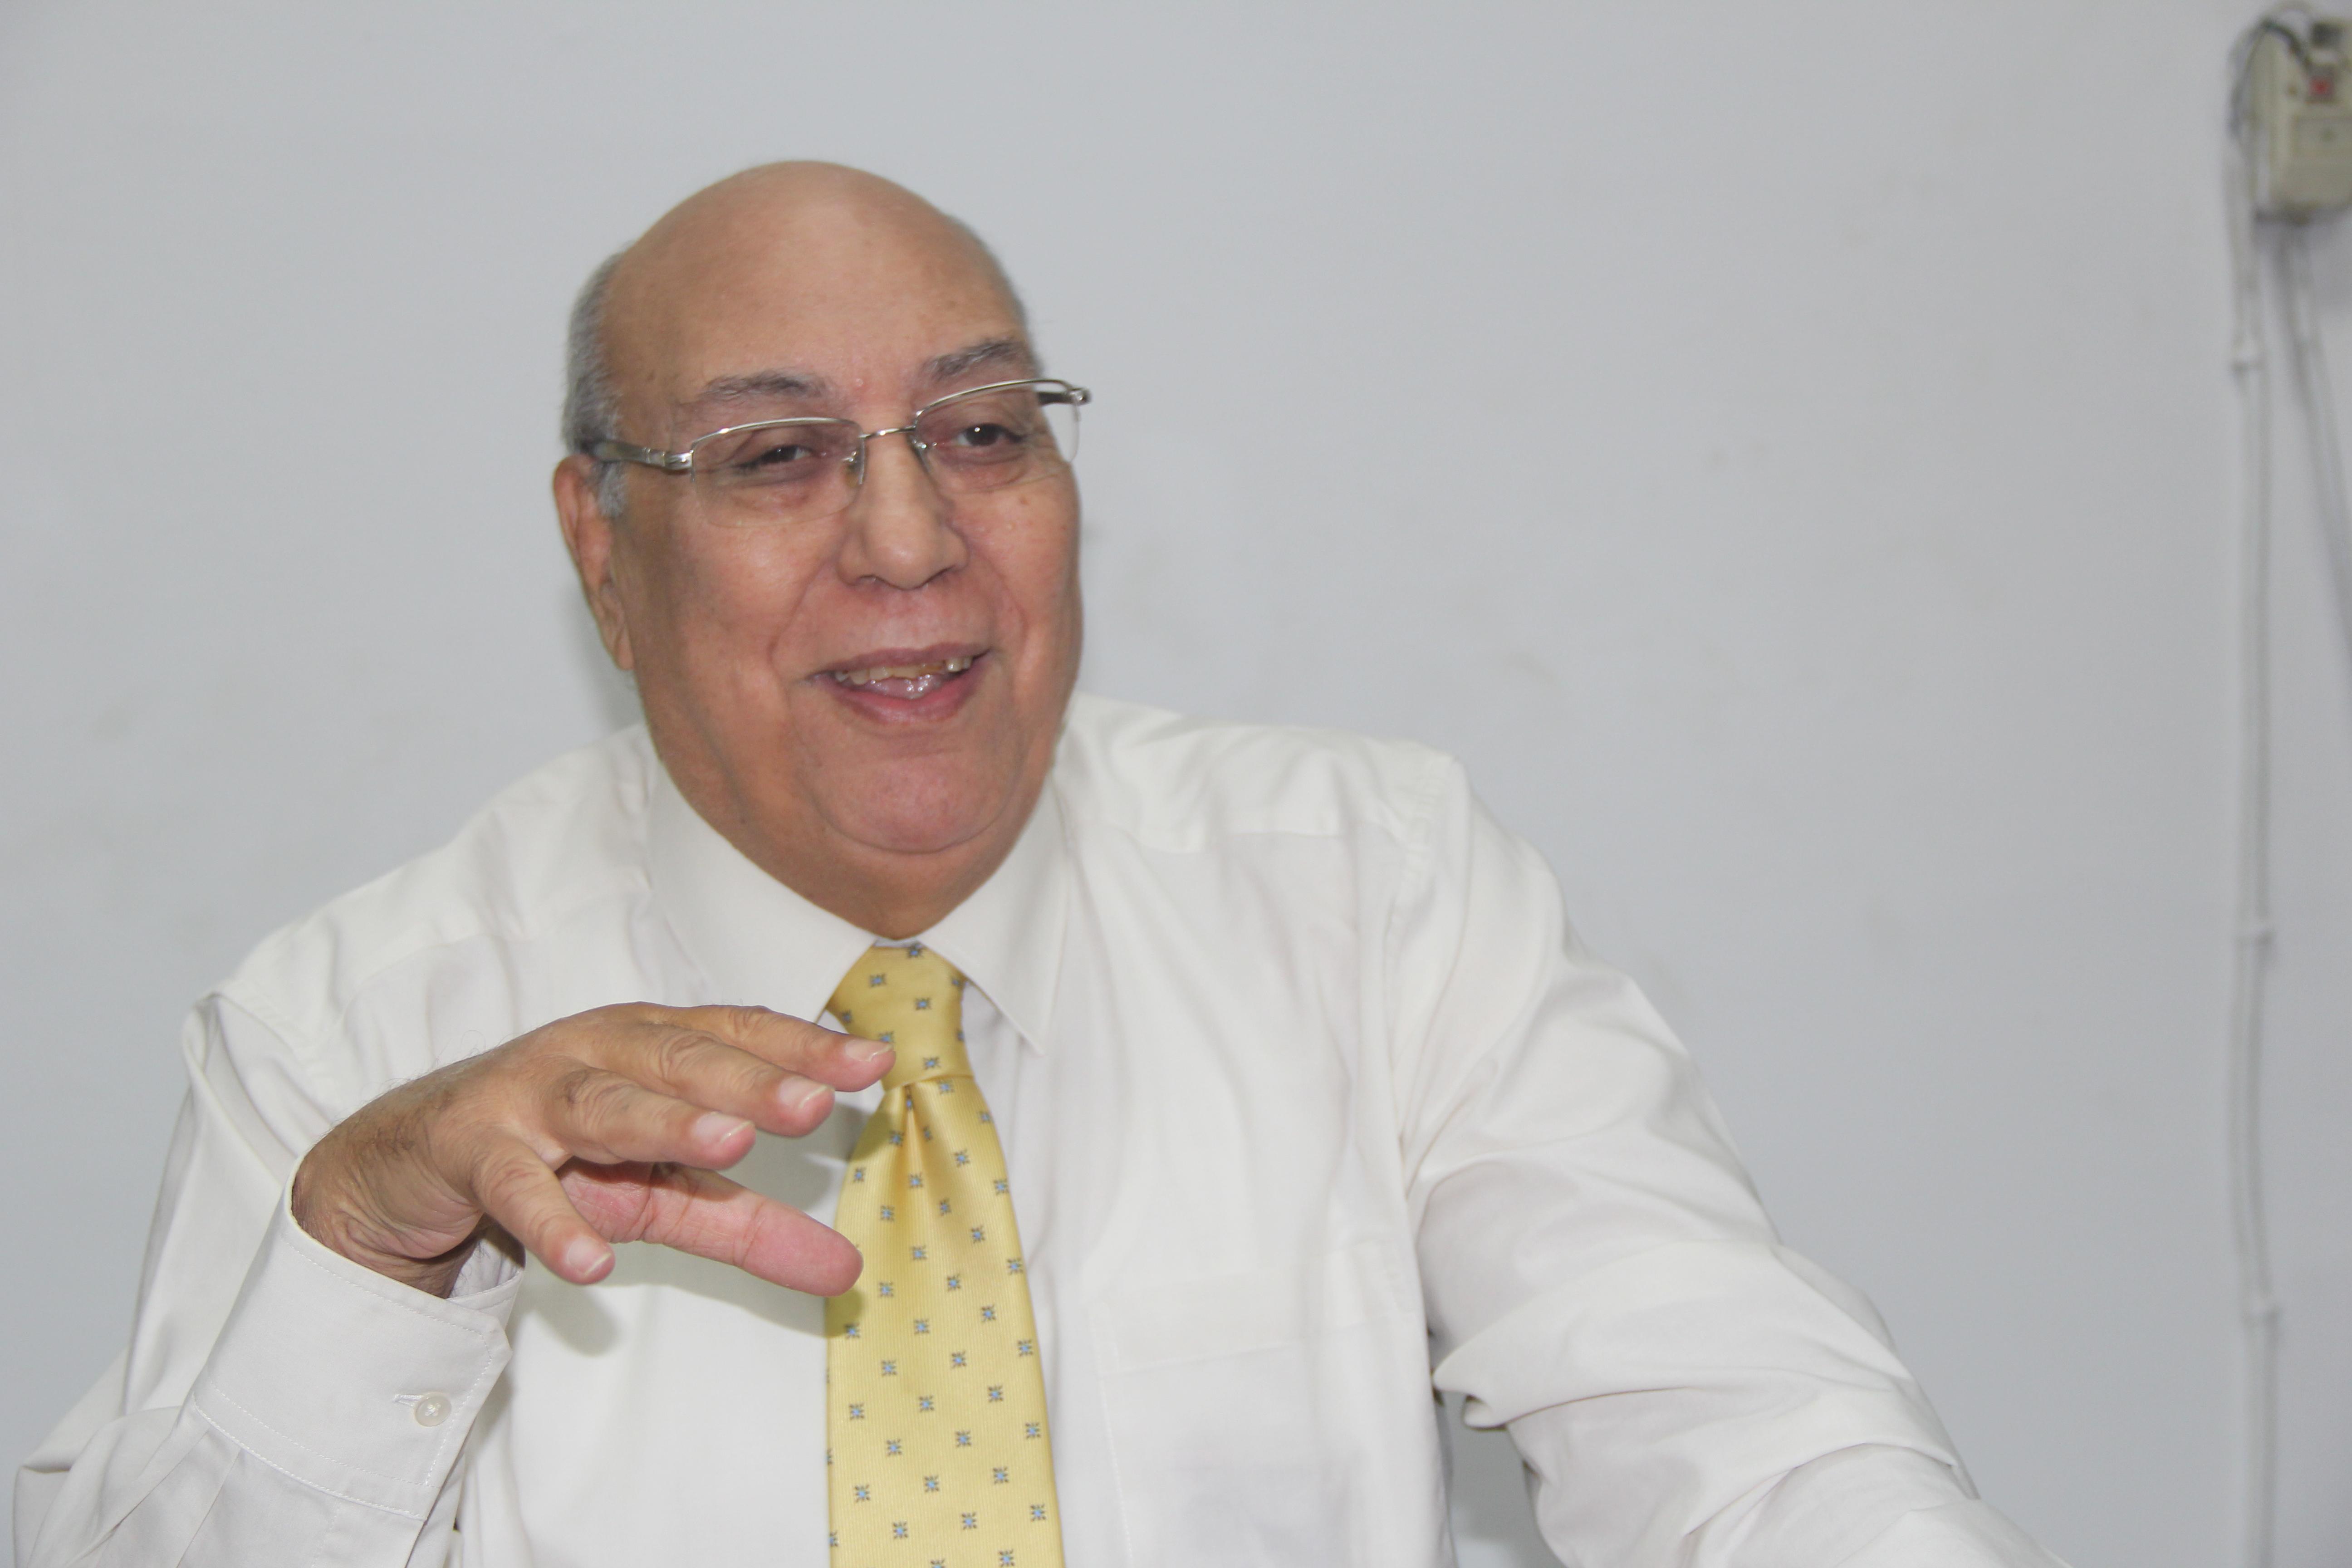 صورة الدكتور محمد عبدالمجيد رئيس لحنة المبيدات : نصيب المواطن المصري100 جرام من المبيدات وهو رقم متناهي في الصغر